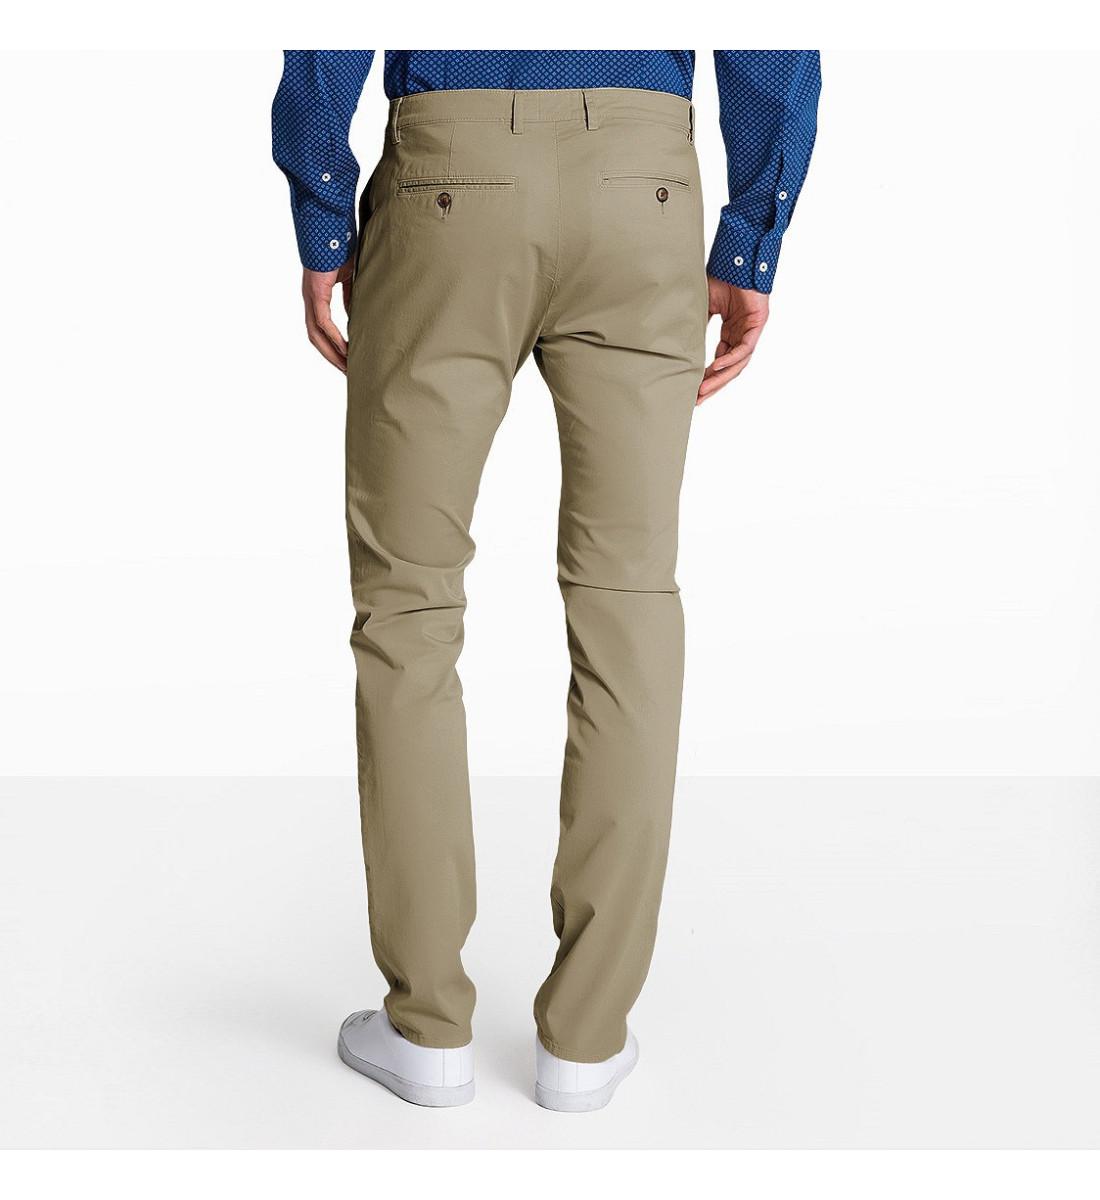 site officiel plus grand choix de nouveau produit Pantalon CHINO homme Kaki